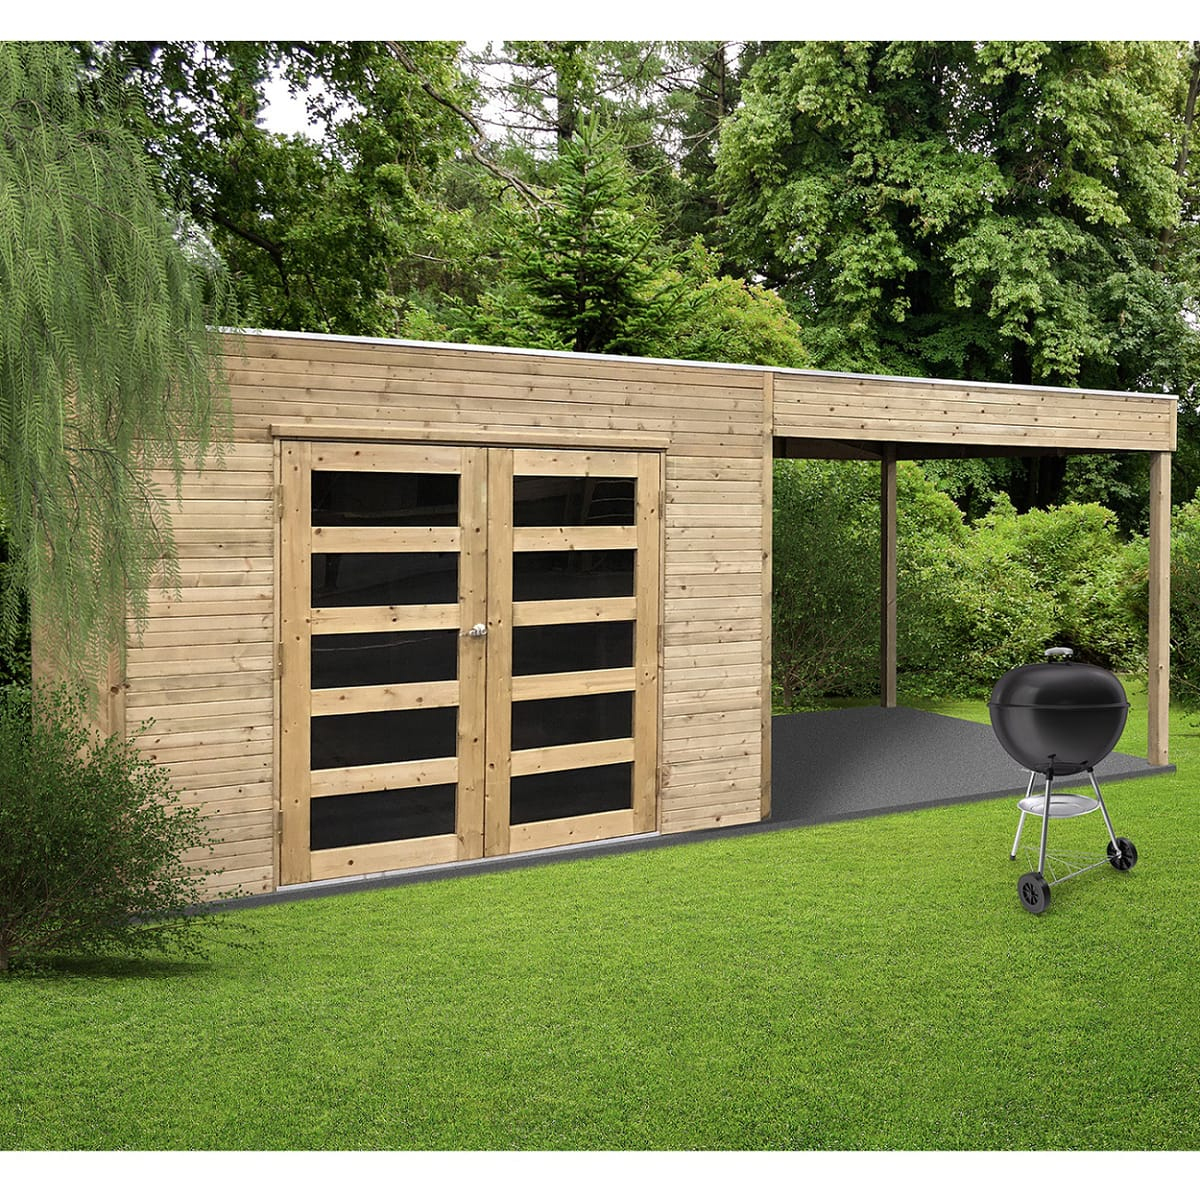 Vente Abri Jardin - Tritoo Maison Et Jardin avec Abris De Jardin Auchan